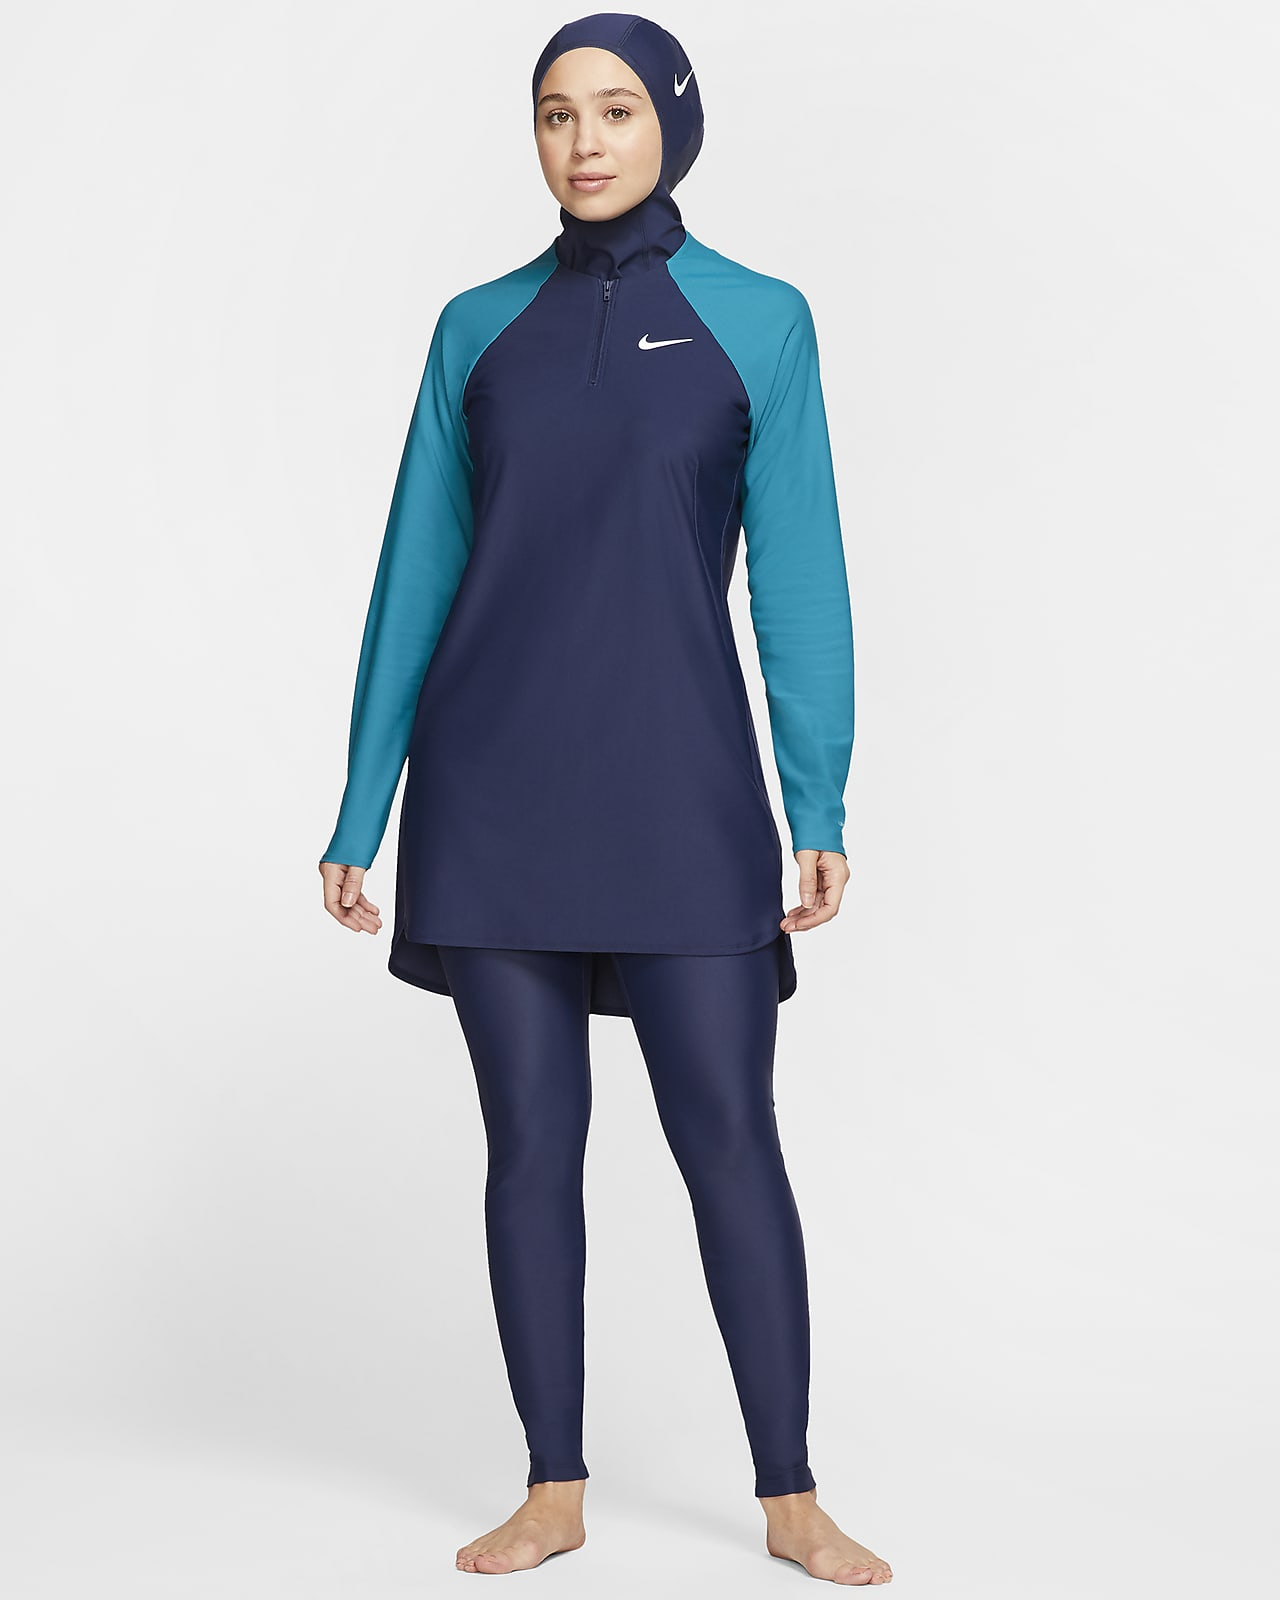 Dámské štíhlé dlouhé plavecké legíny Nike Victory